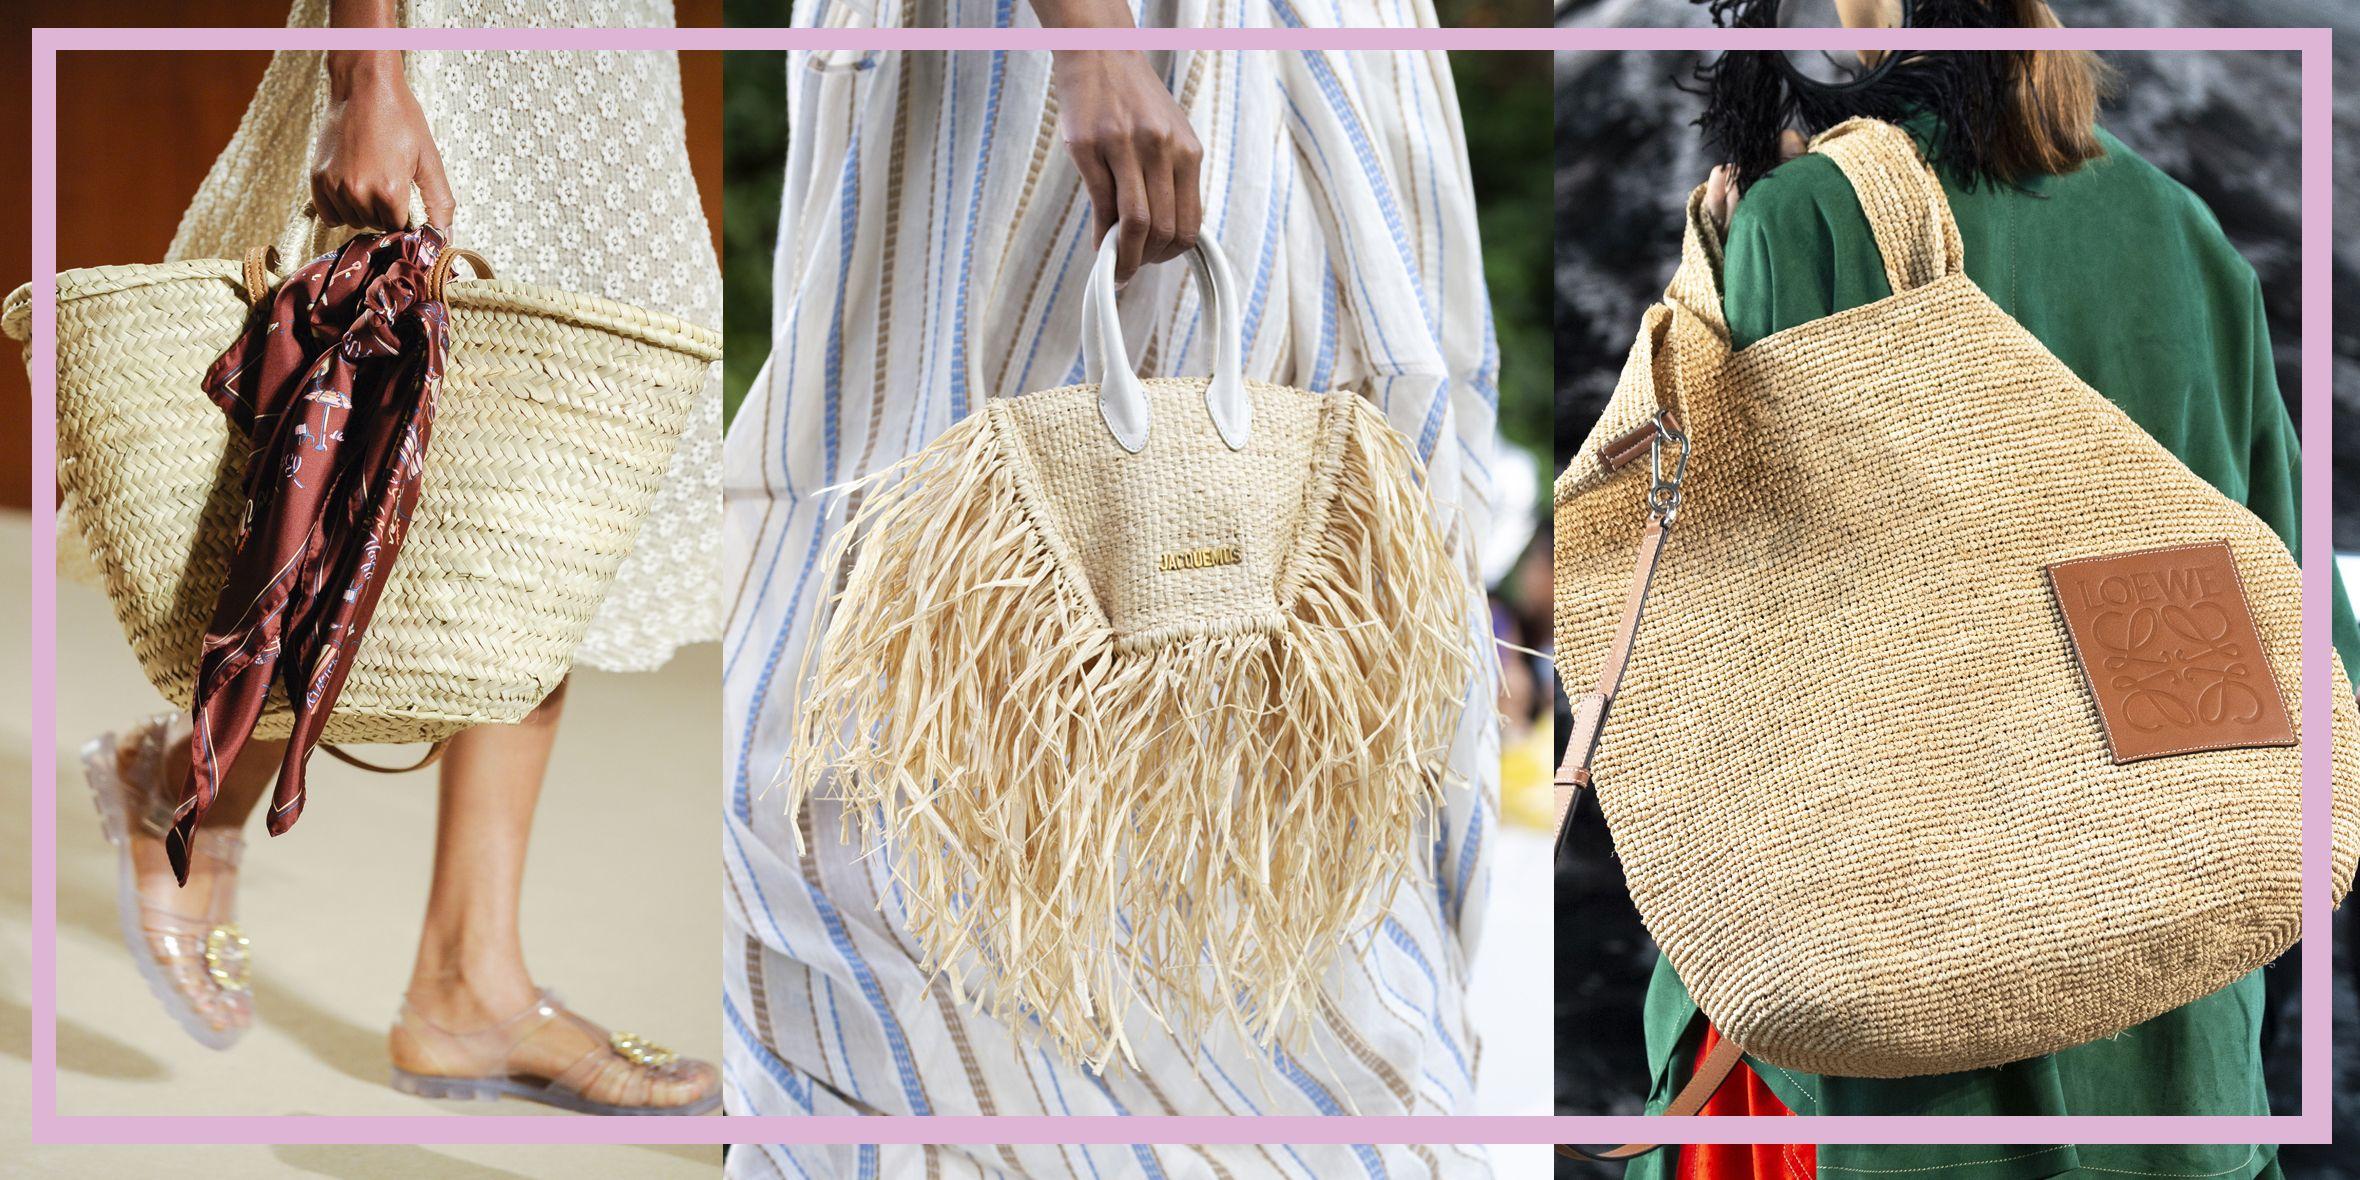 Queste borse di paglia sono tutto quello che ti serve per l'estate 2019 e le abbini con ogni outfit da giorno e da sera per un effetto super glam.